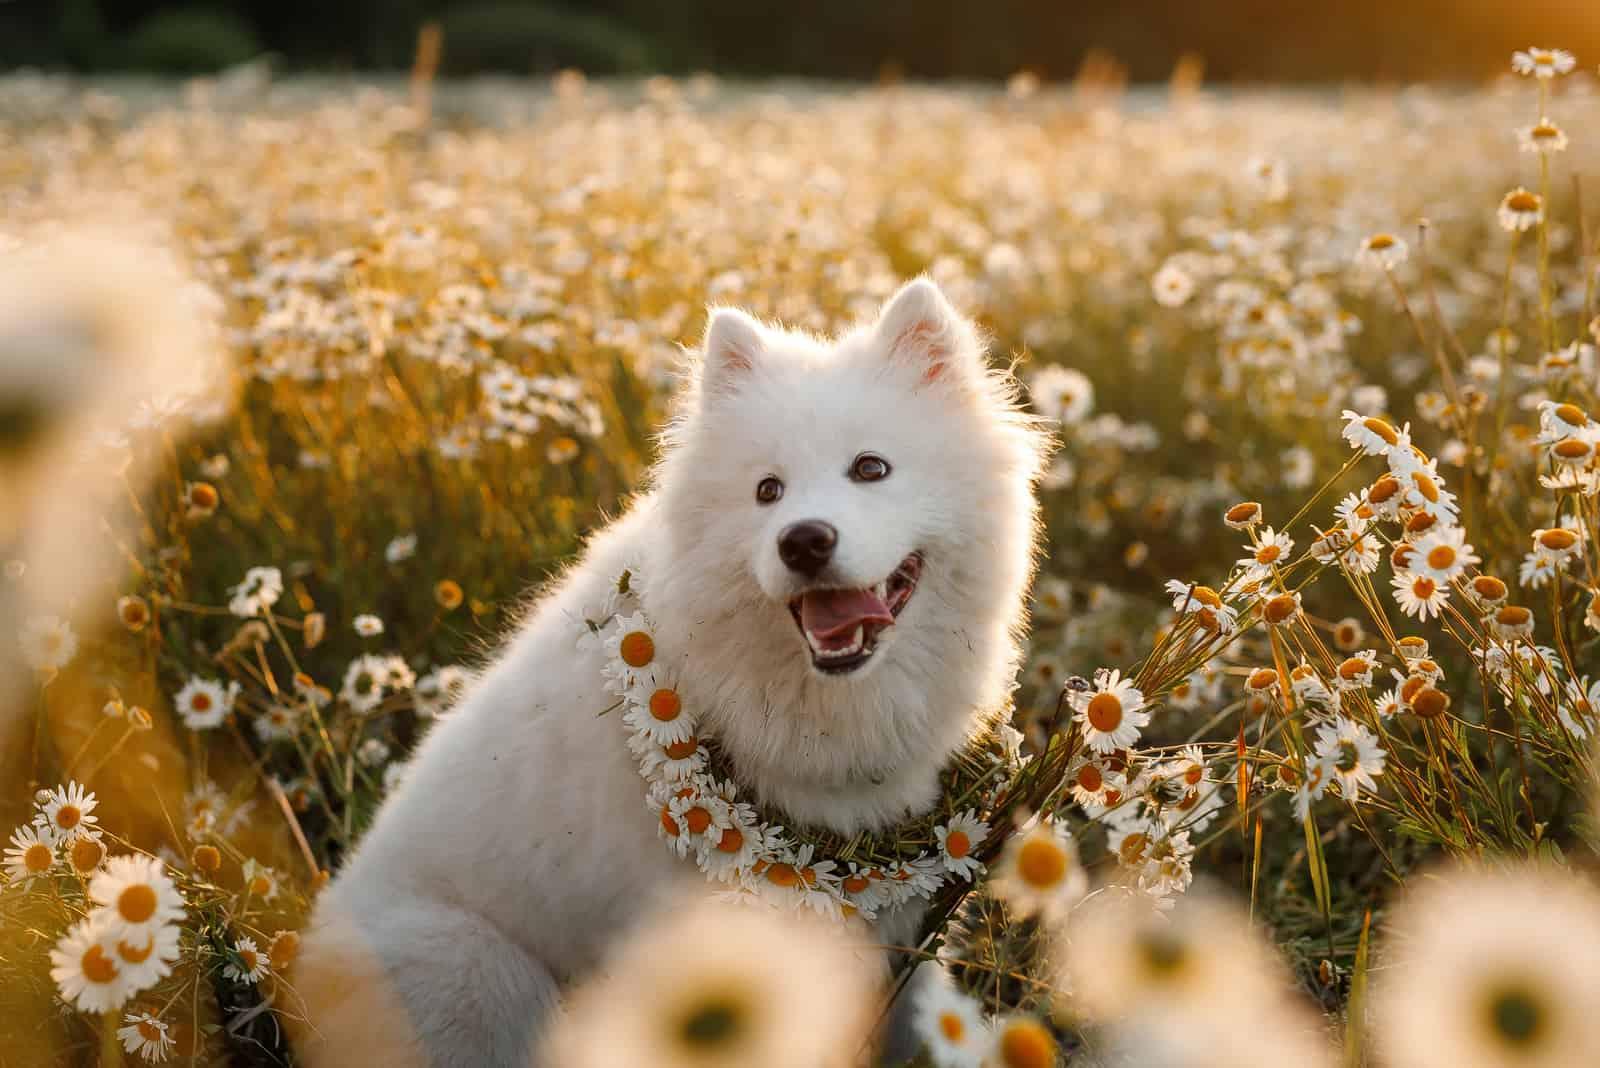 Smiling White Samoyed Dog